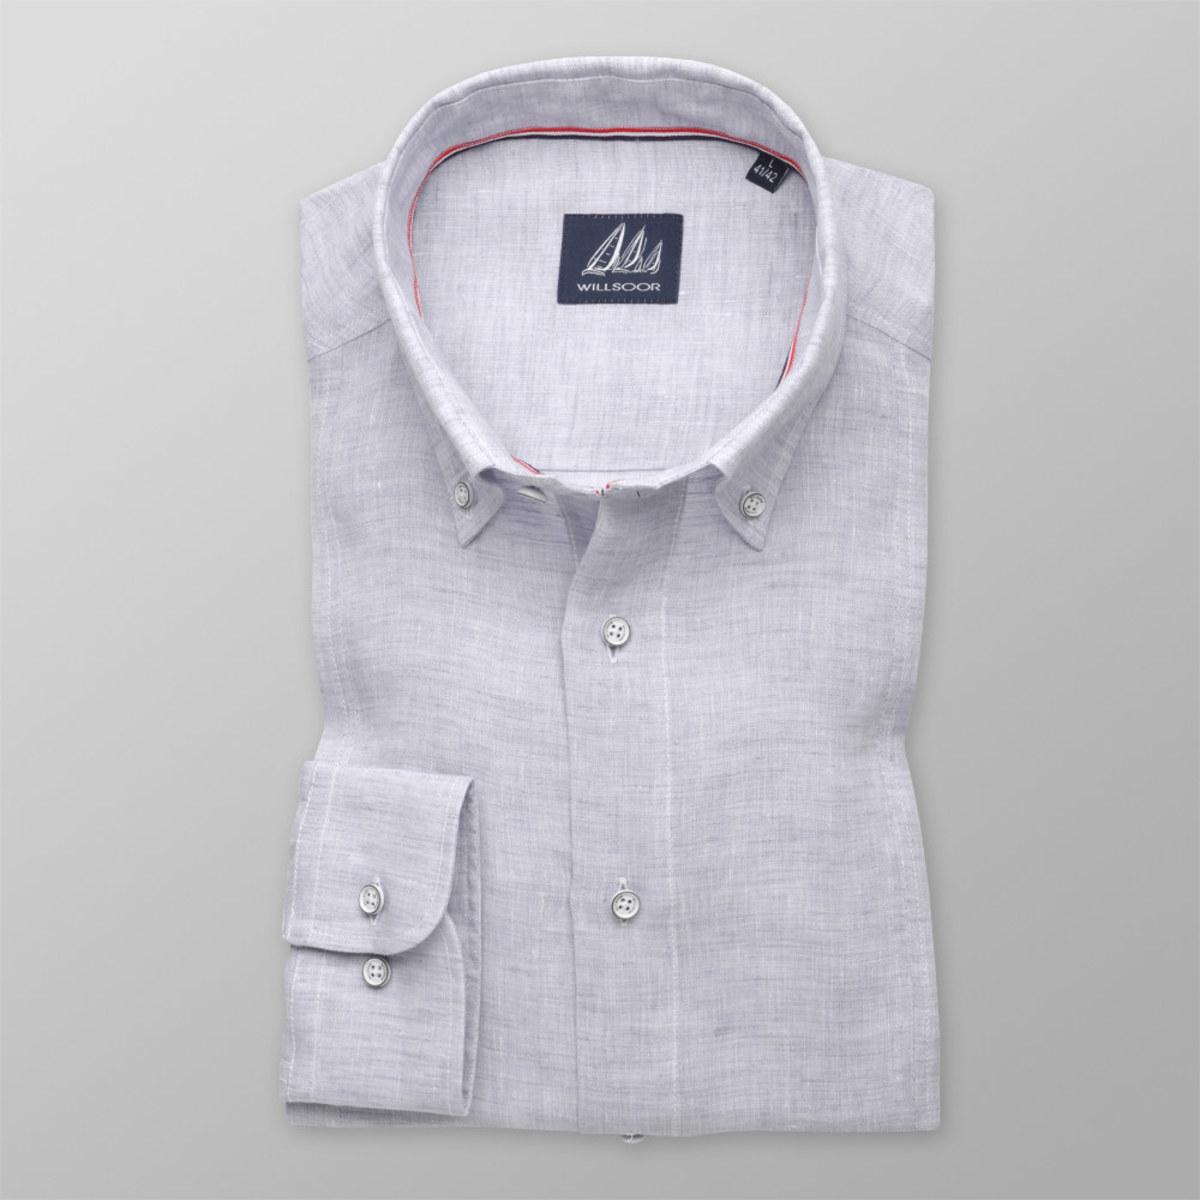 Košeľa Slim Fit hladký vzor ľan (výška 176 - 182) 10571 176-182 / XL (43/44)